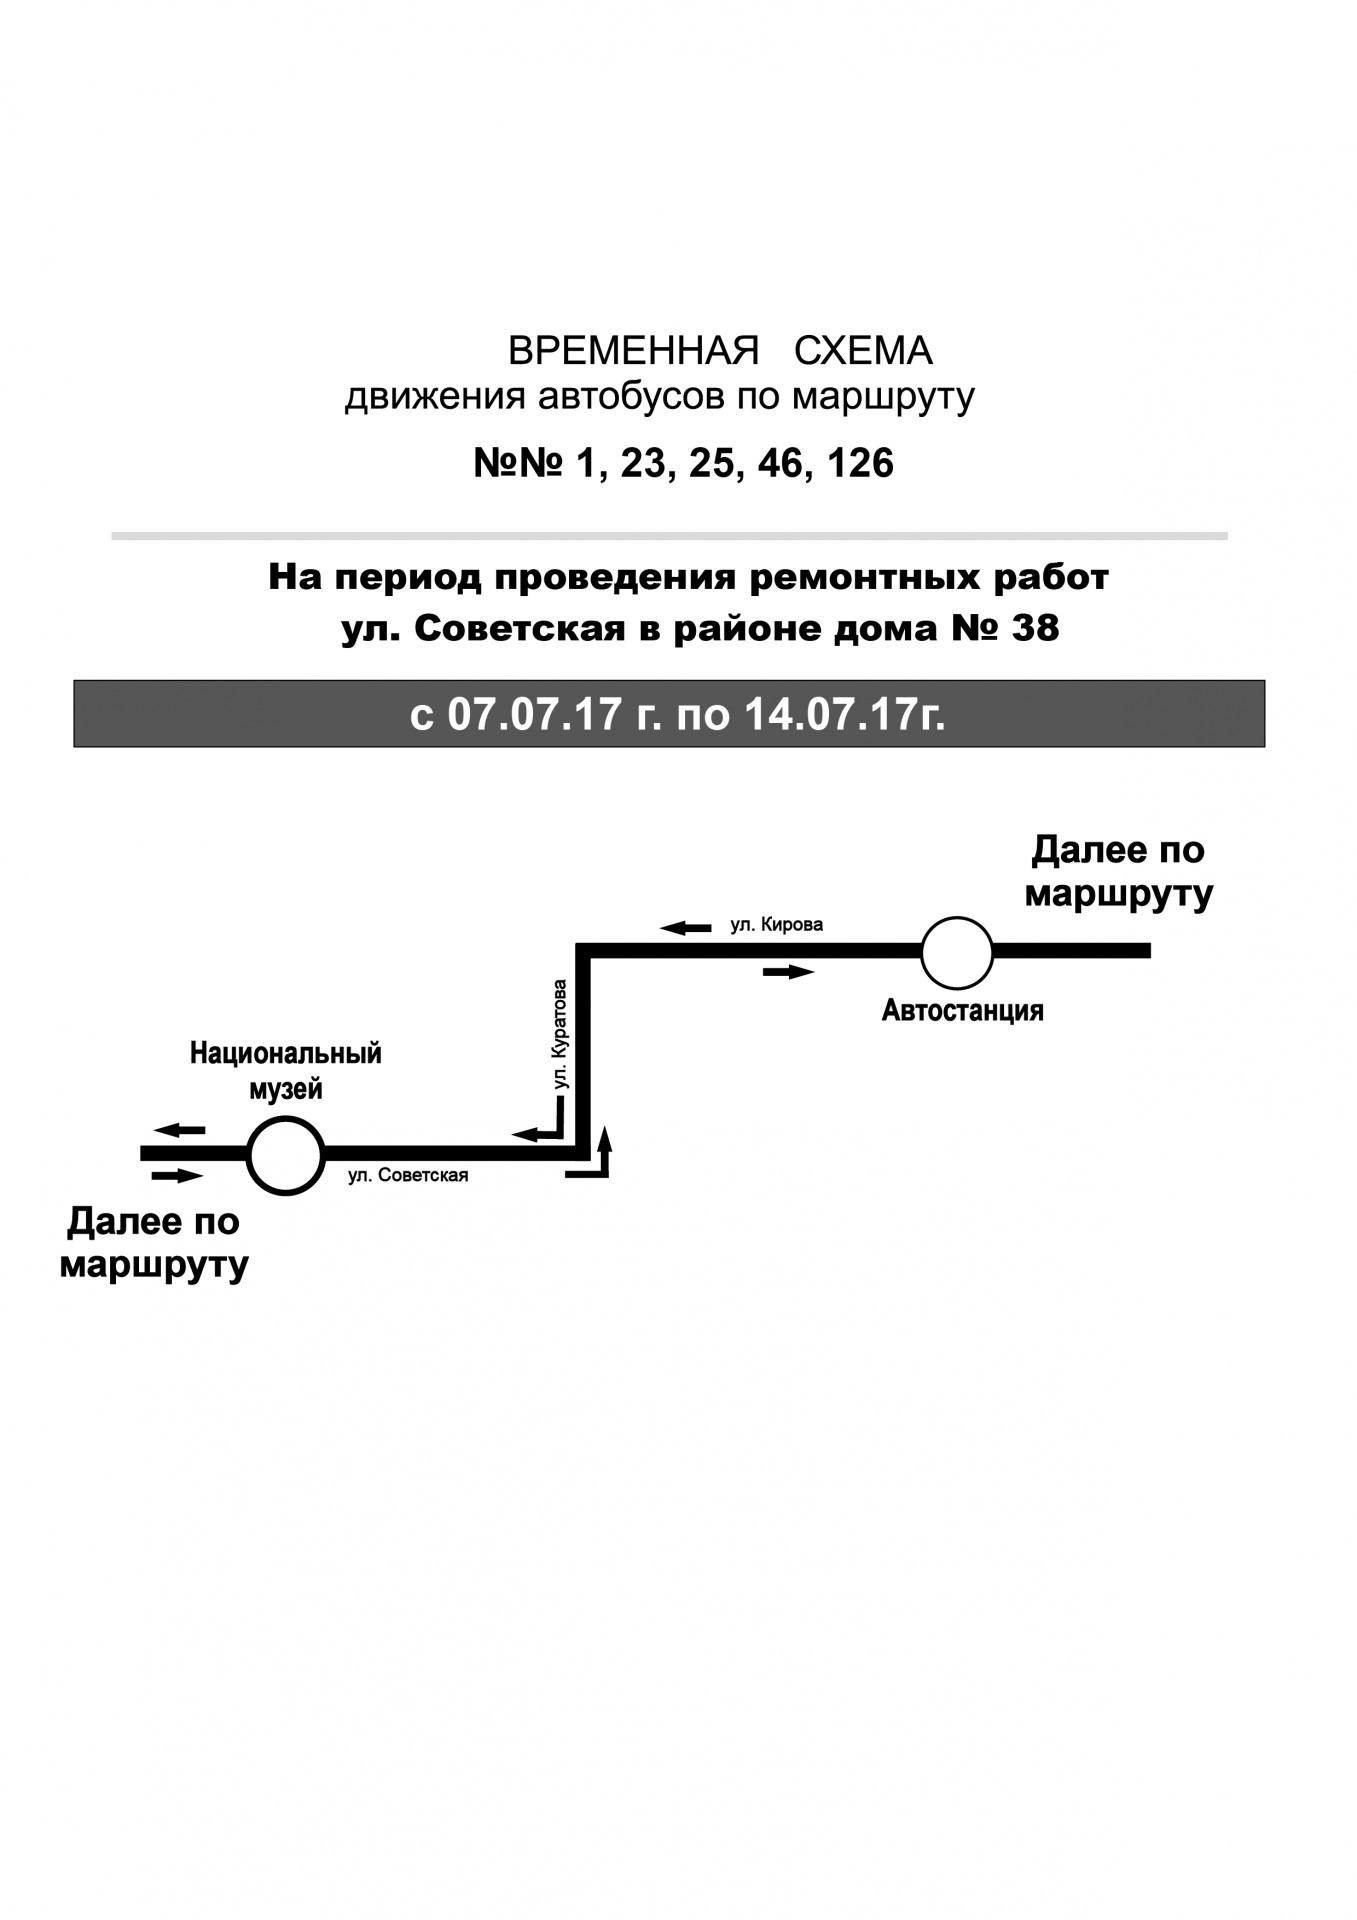 remont-ul.Sovetskaya-2017_4-01.jpg